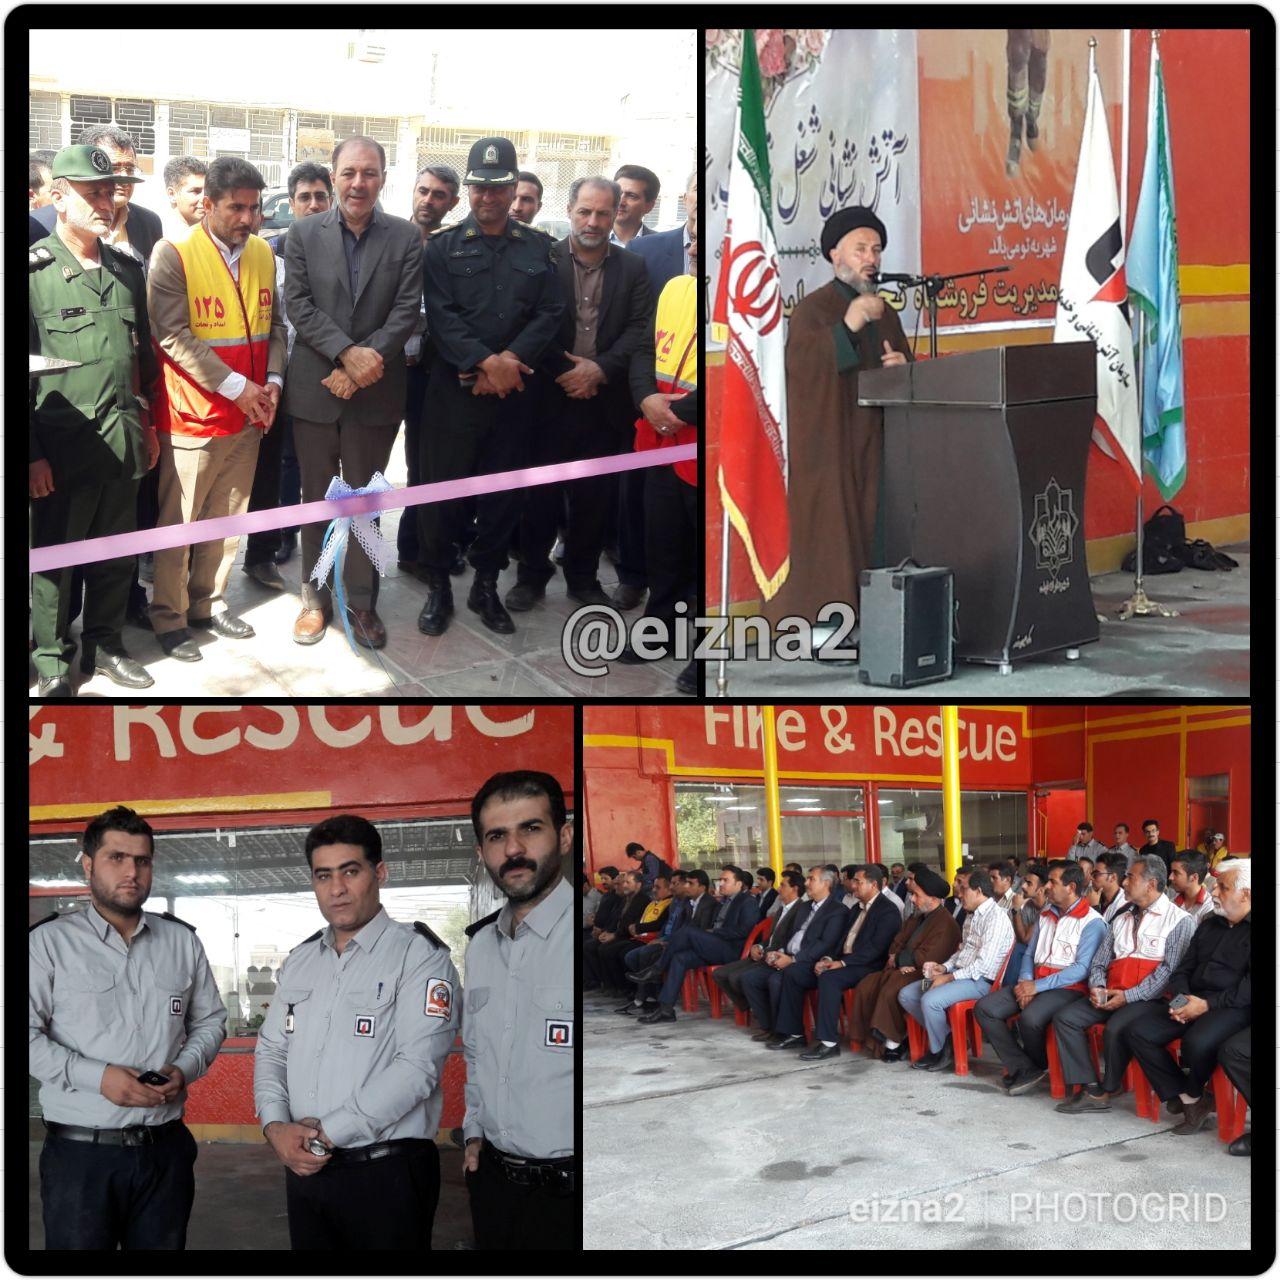 ایستگاه شماره 2 آتشنشانی ایذه افتتاح شد